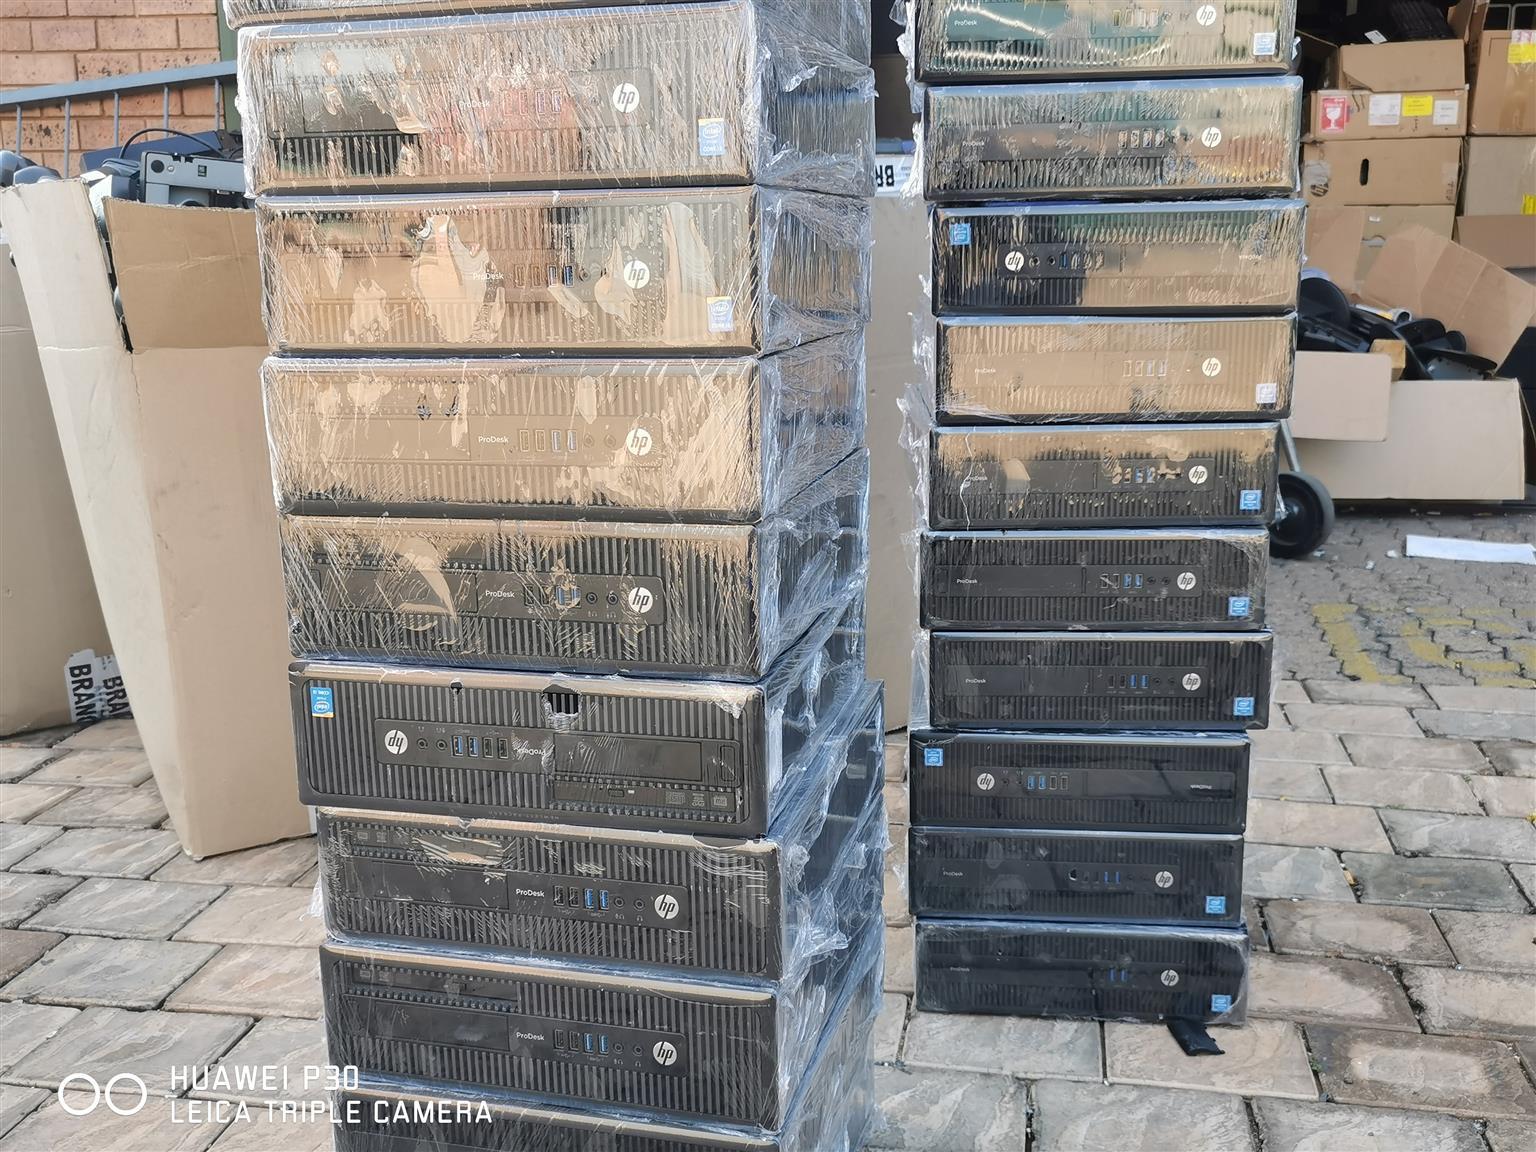 4TH GEN I3, 4GB RAM, 1TB HDD HP PRO DESK 600 G1 SFF PCS